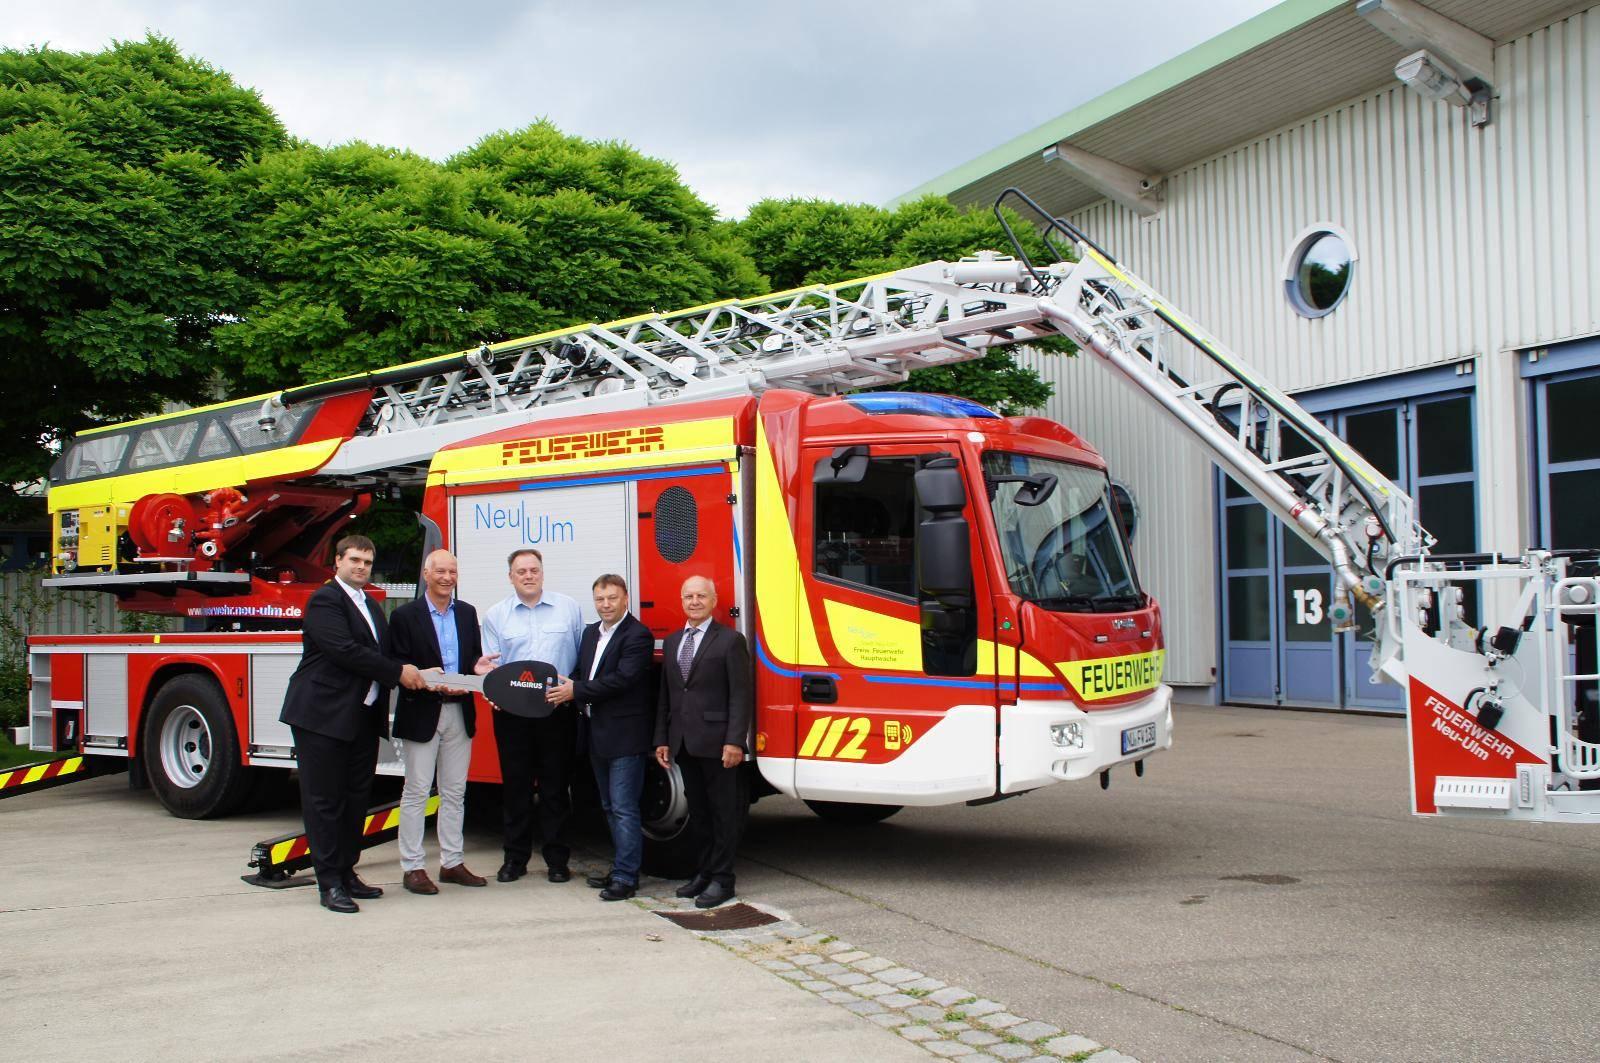 Drehleiter Feuerwehr Neu-Ulm